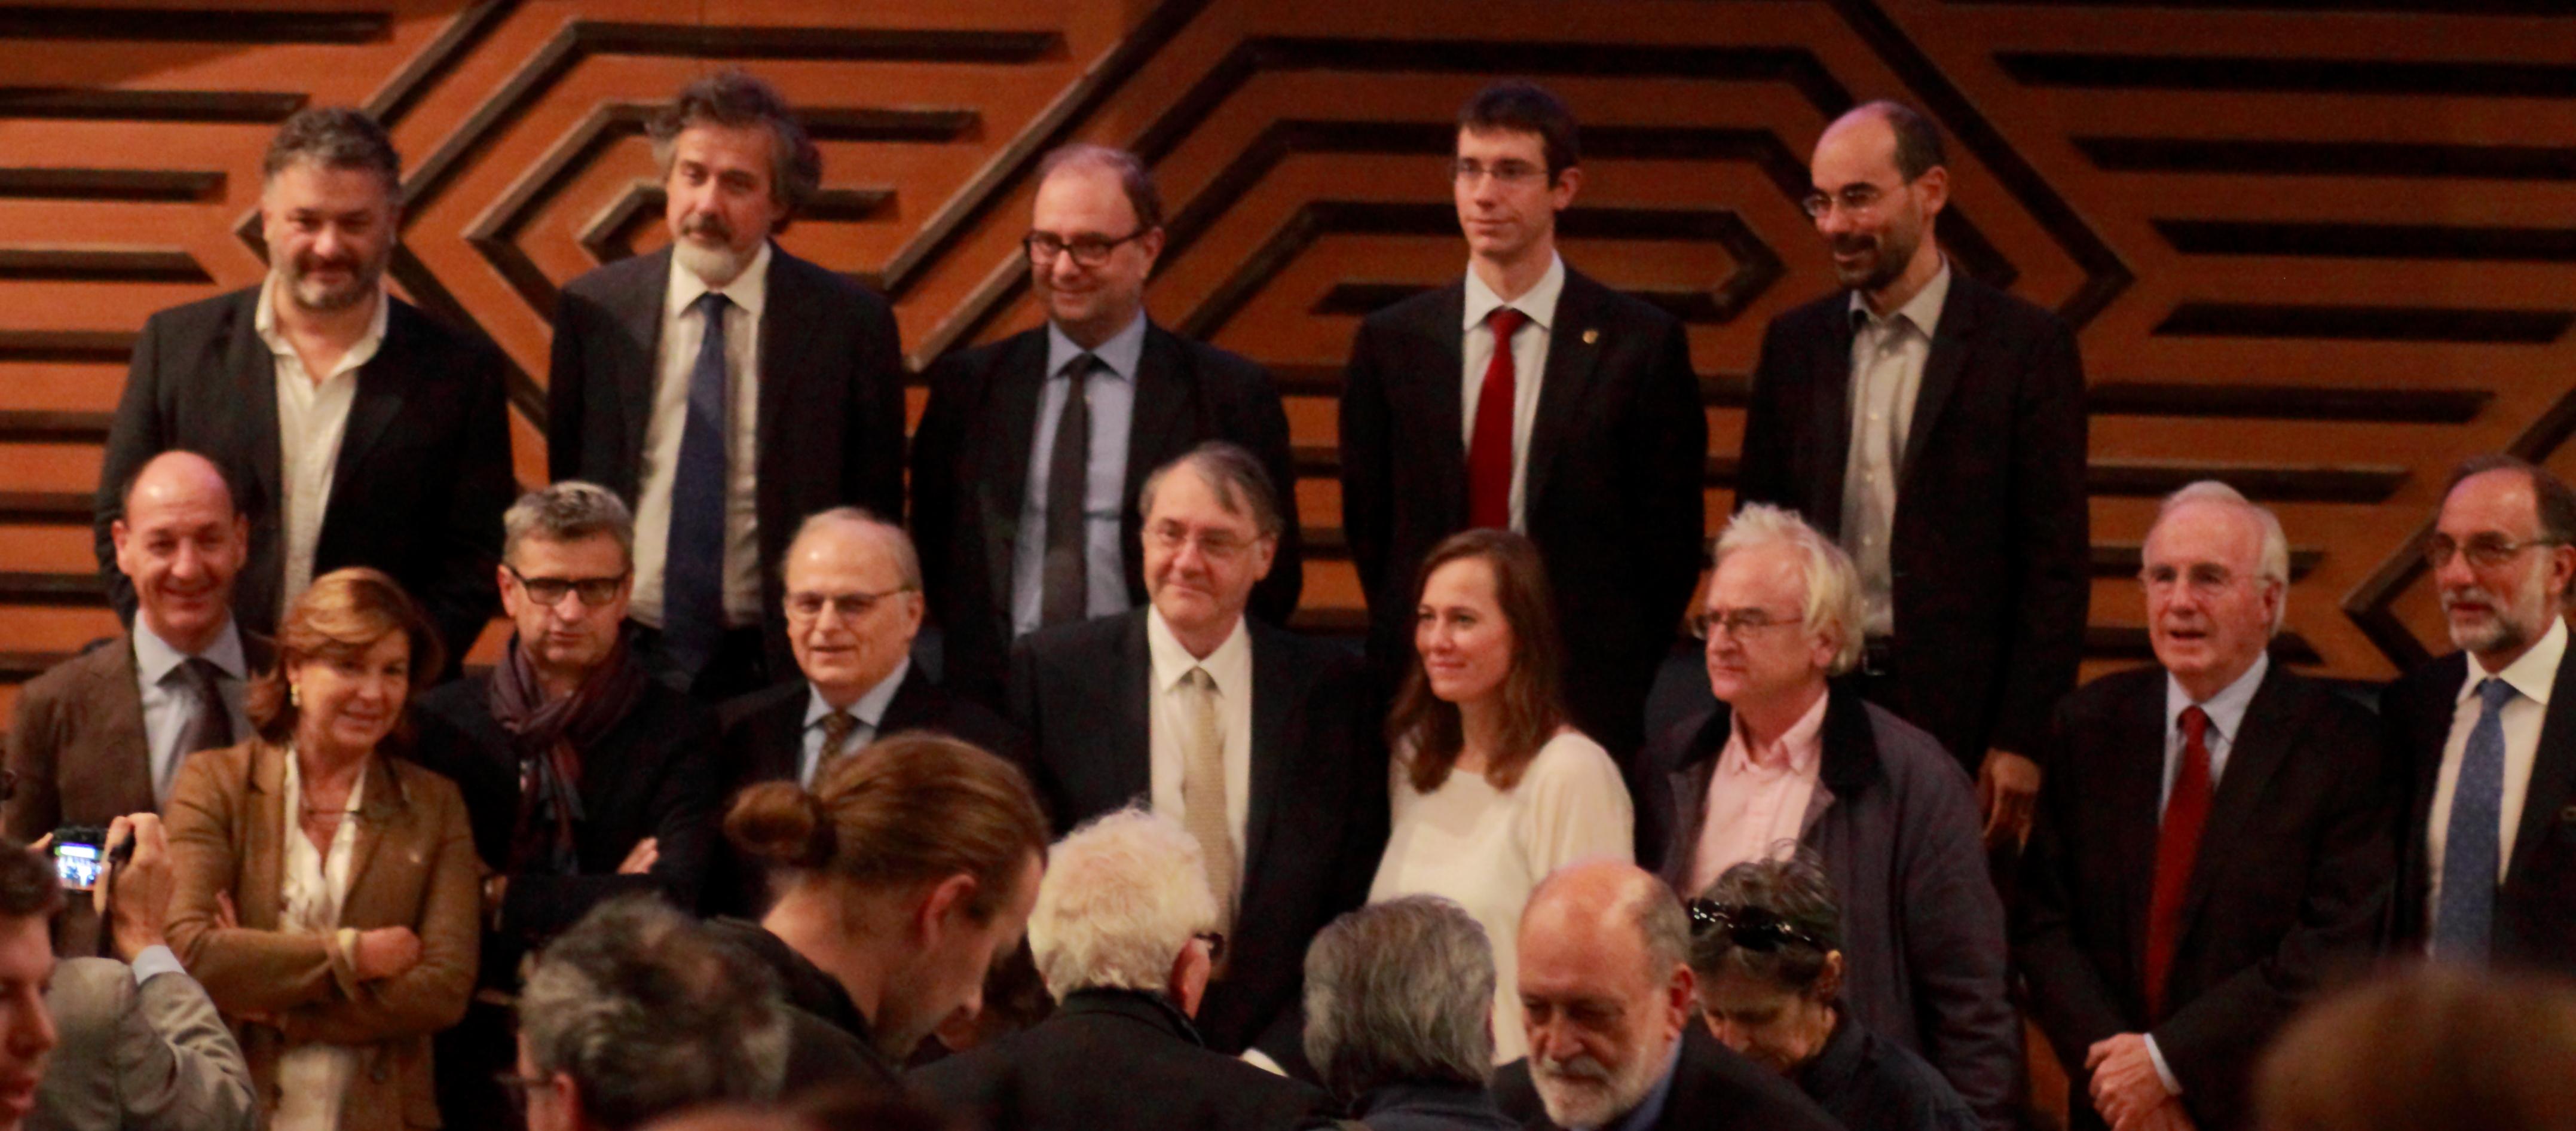 Foto di gruppo dei relatori dello Study Day - Museo del violino Cremona Stradivari Messiah